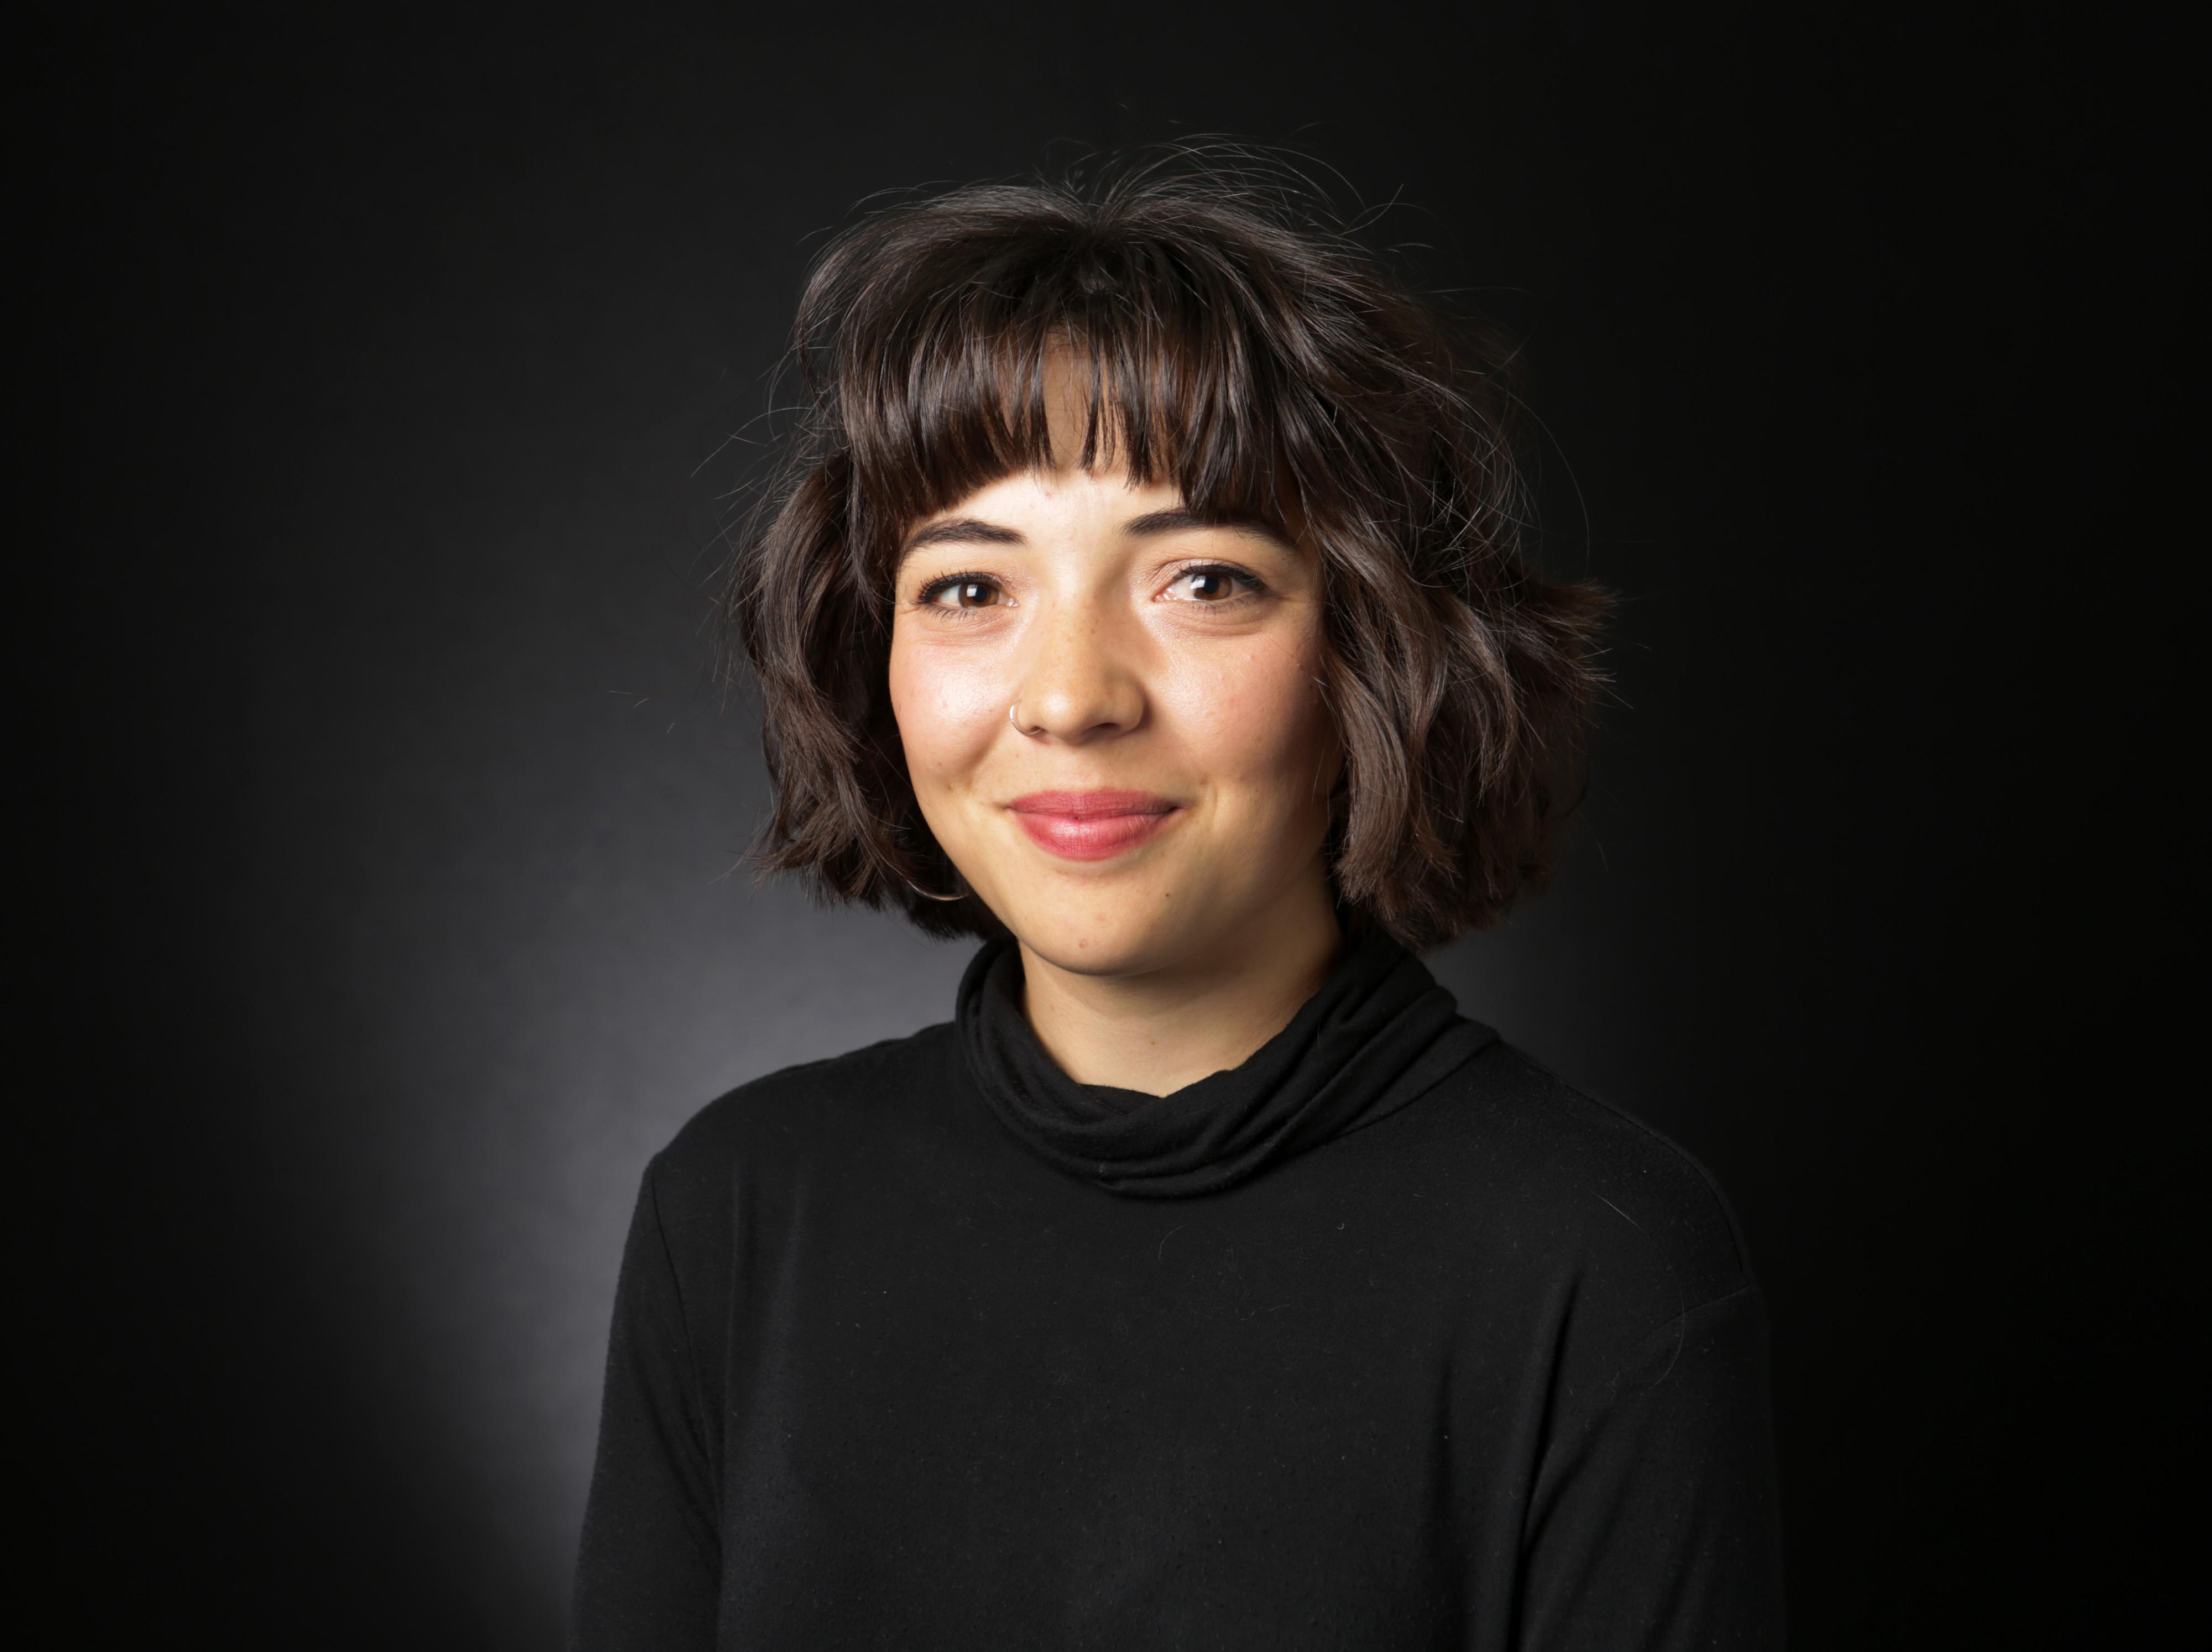 Ashley Slanina-Davies (born 1989)